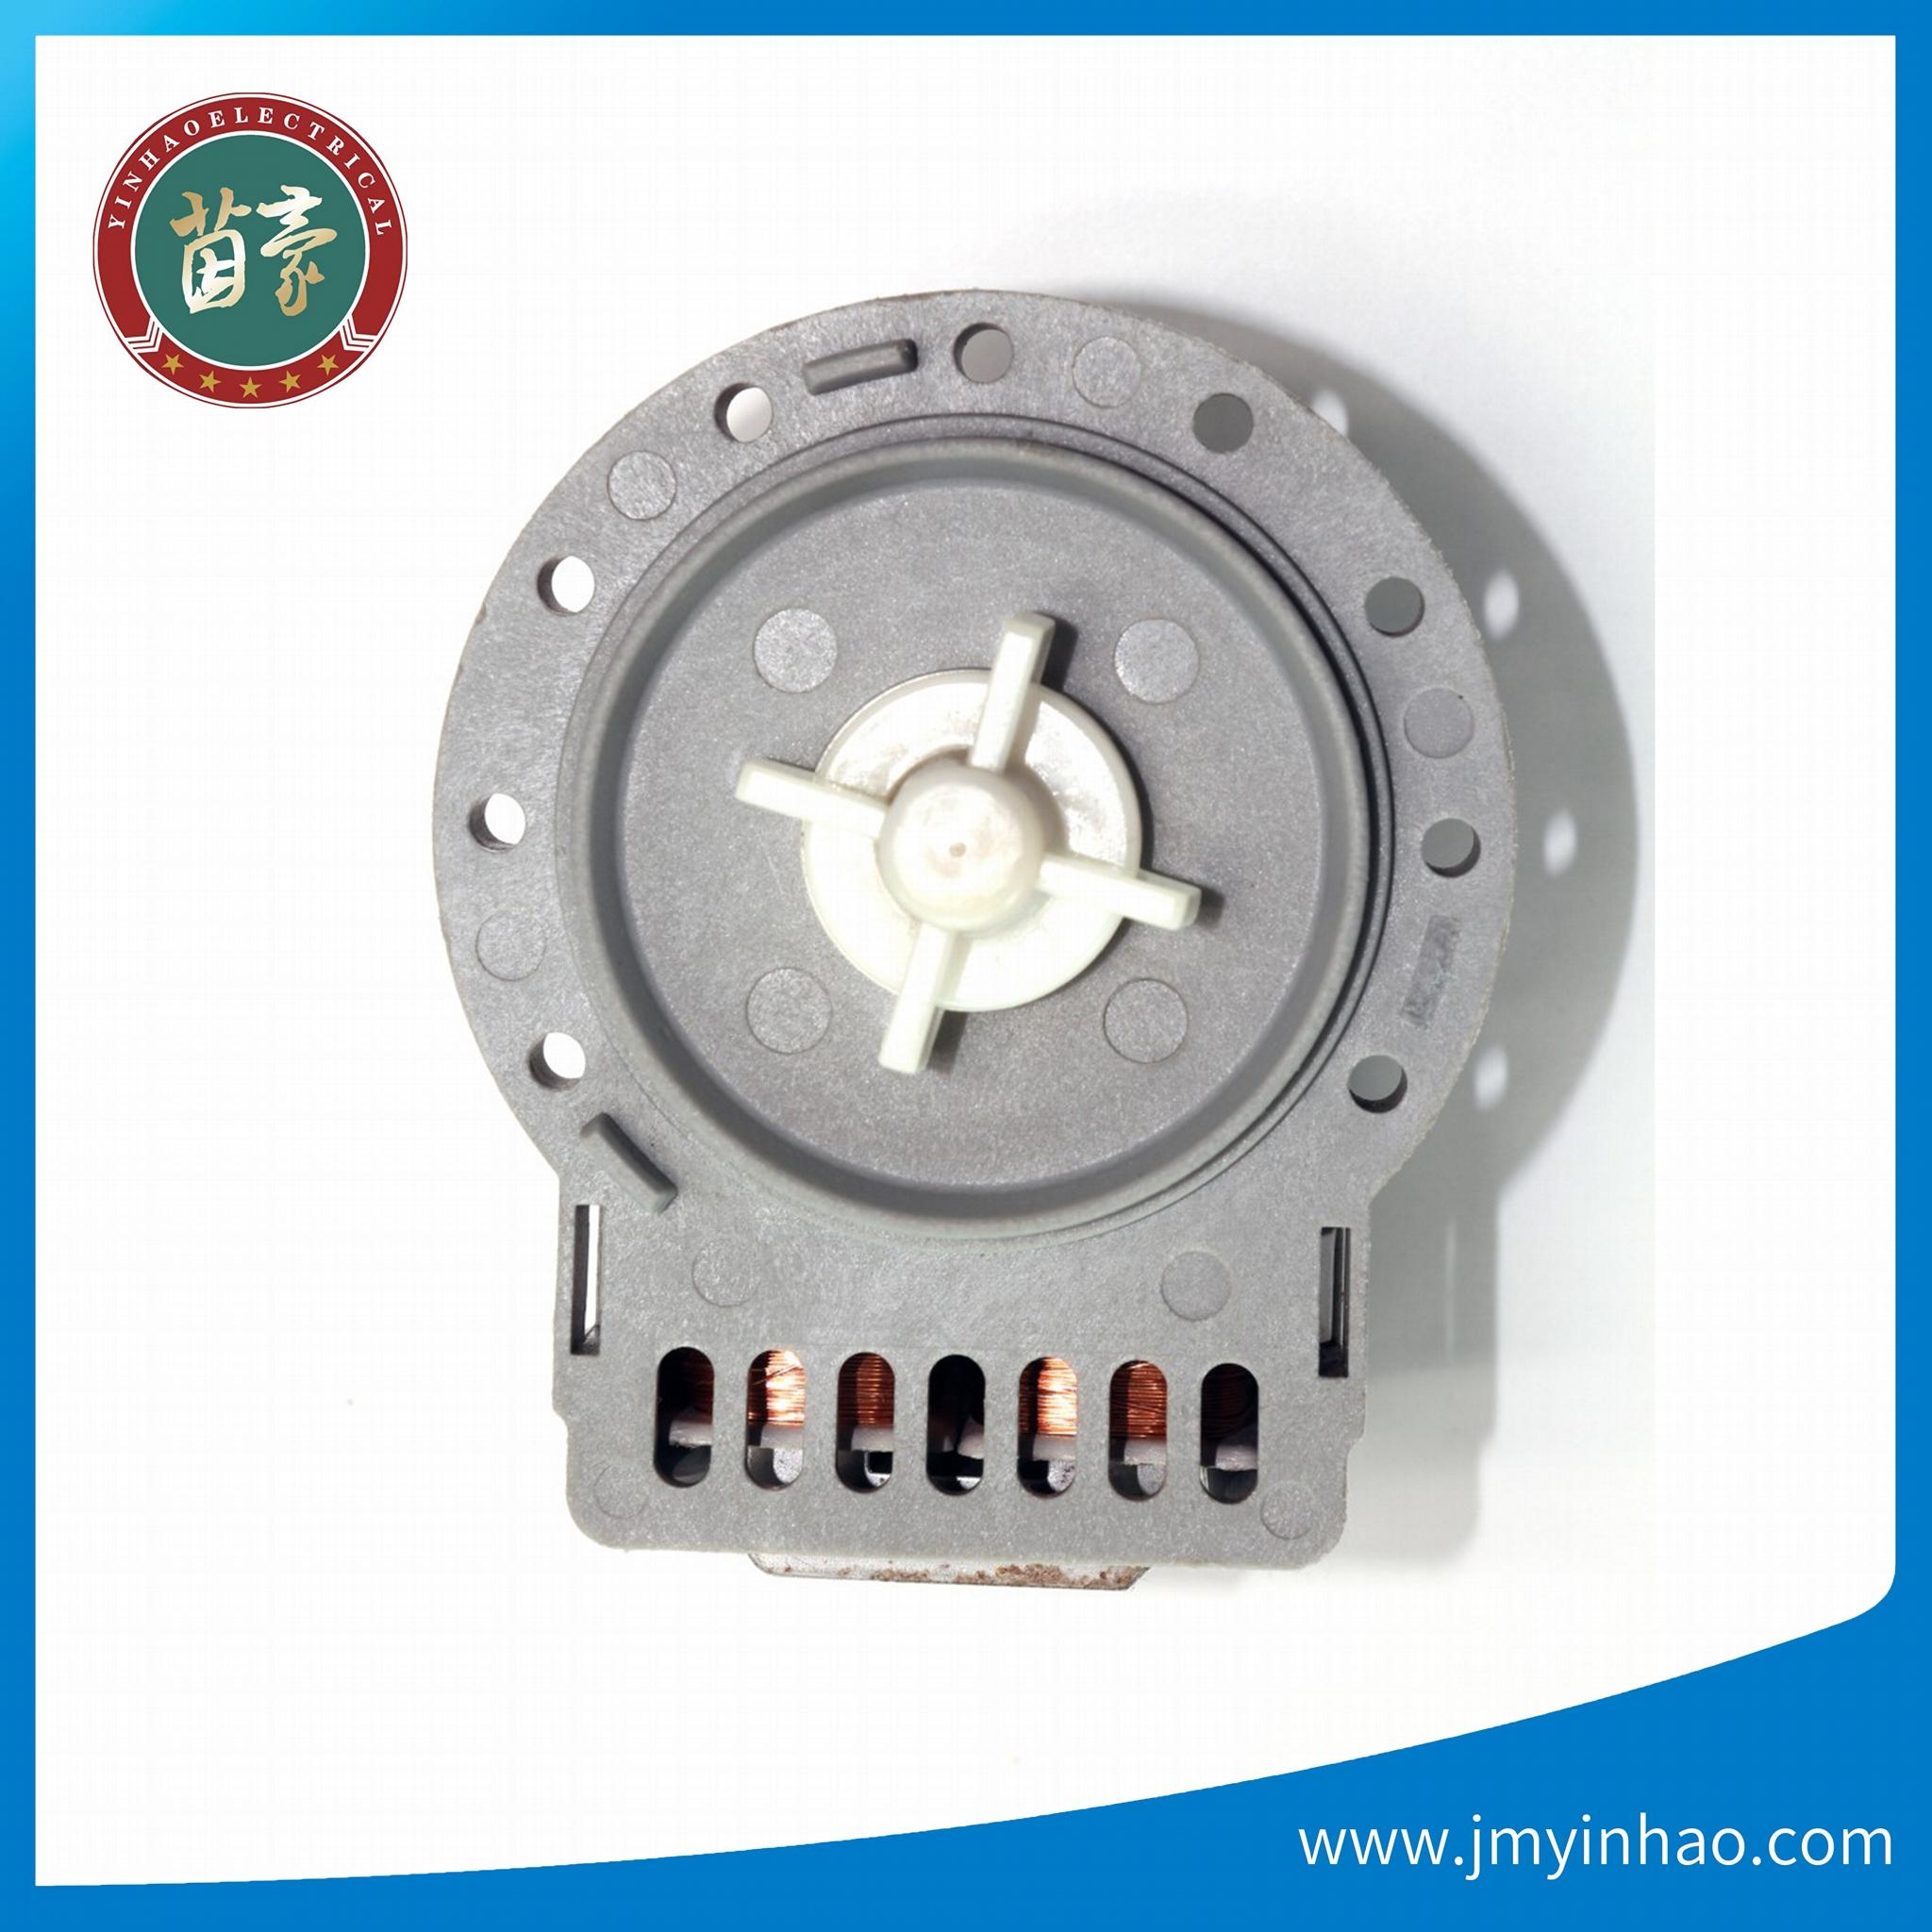 厂家直销高质洗衣机排水泵/低噪音排水泵 4